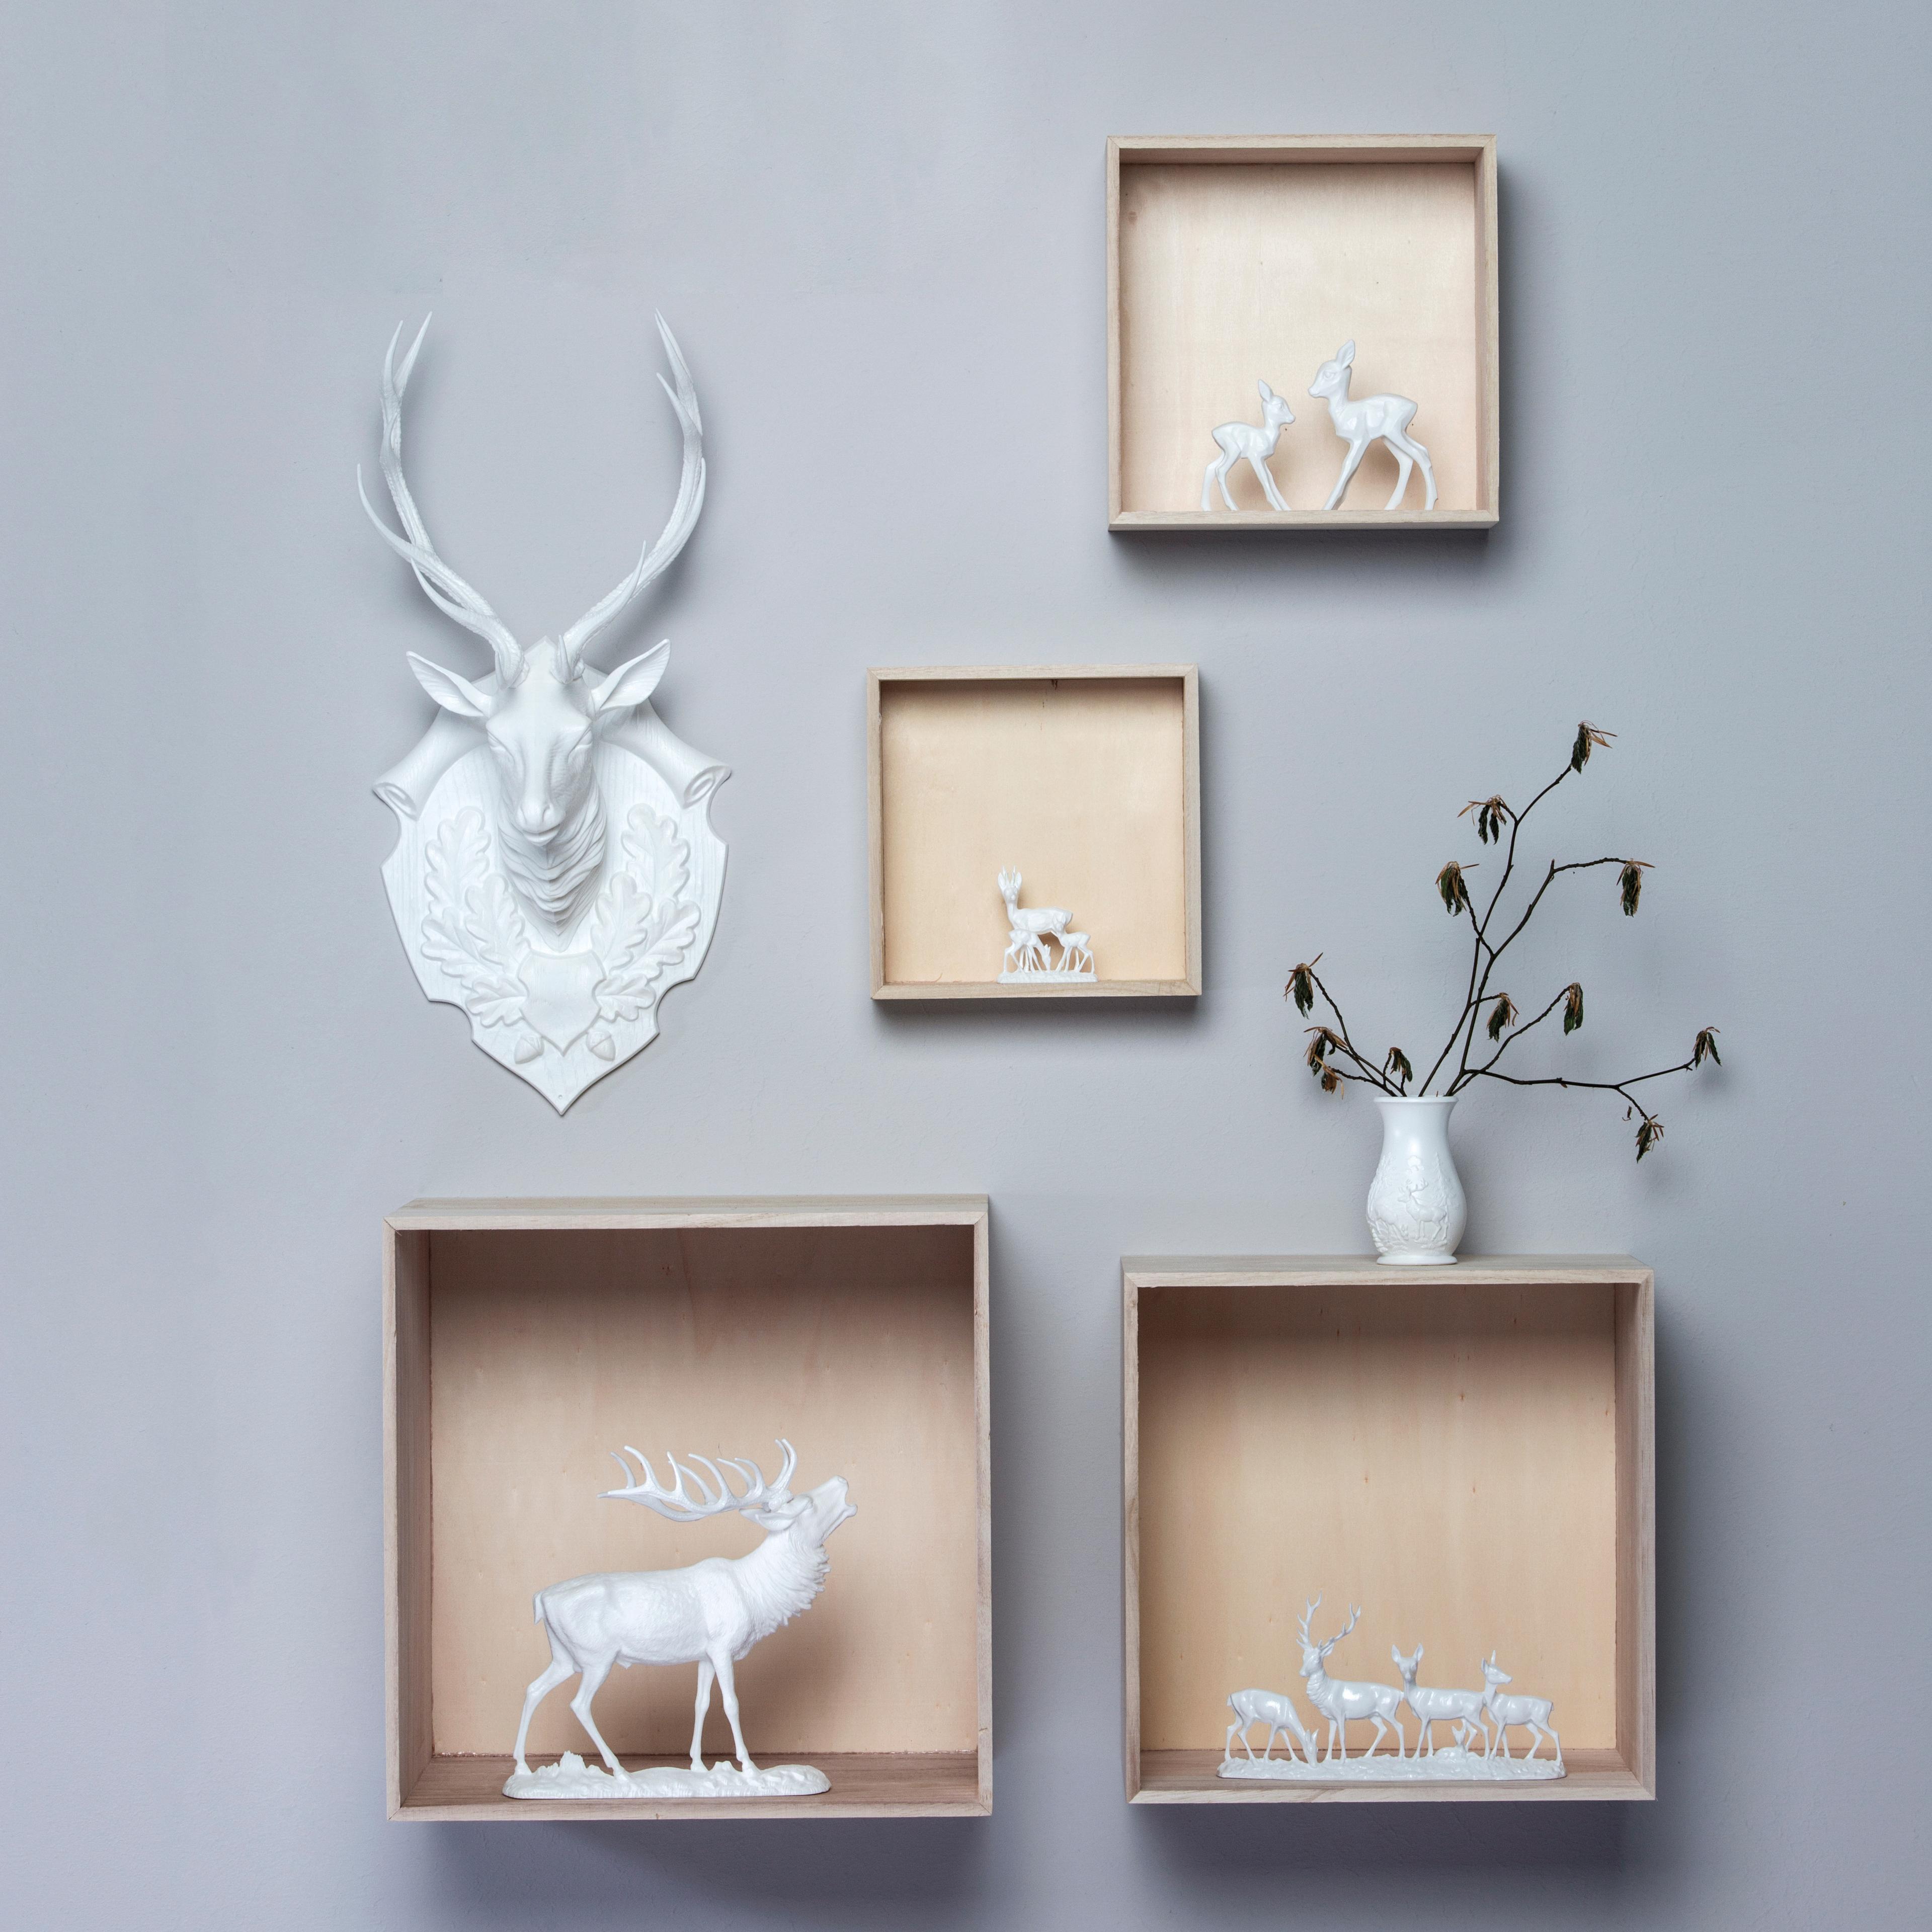 wohnstuben gestaltung : Koziol Online Shop Hubert S Deko Figur